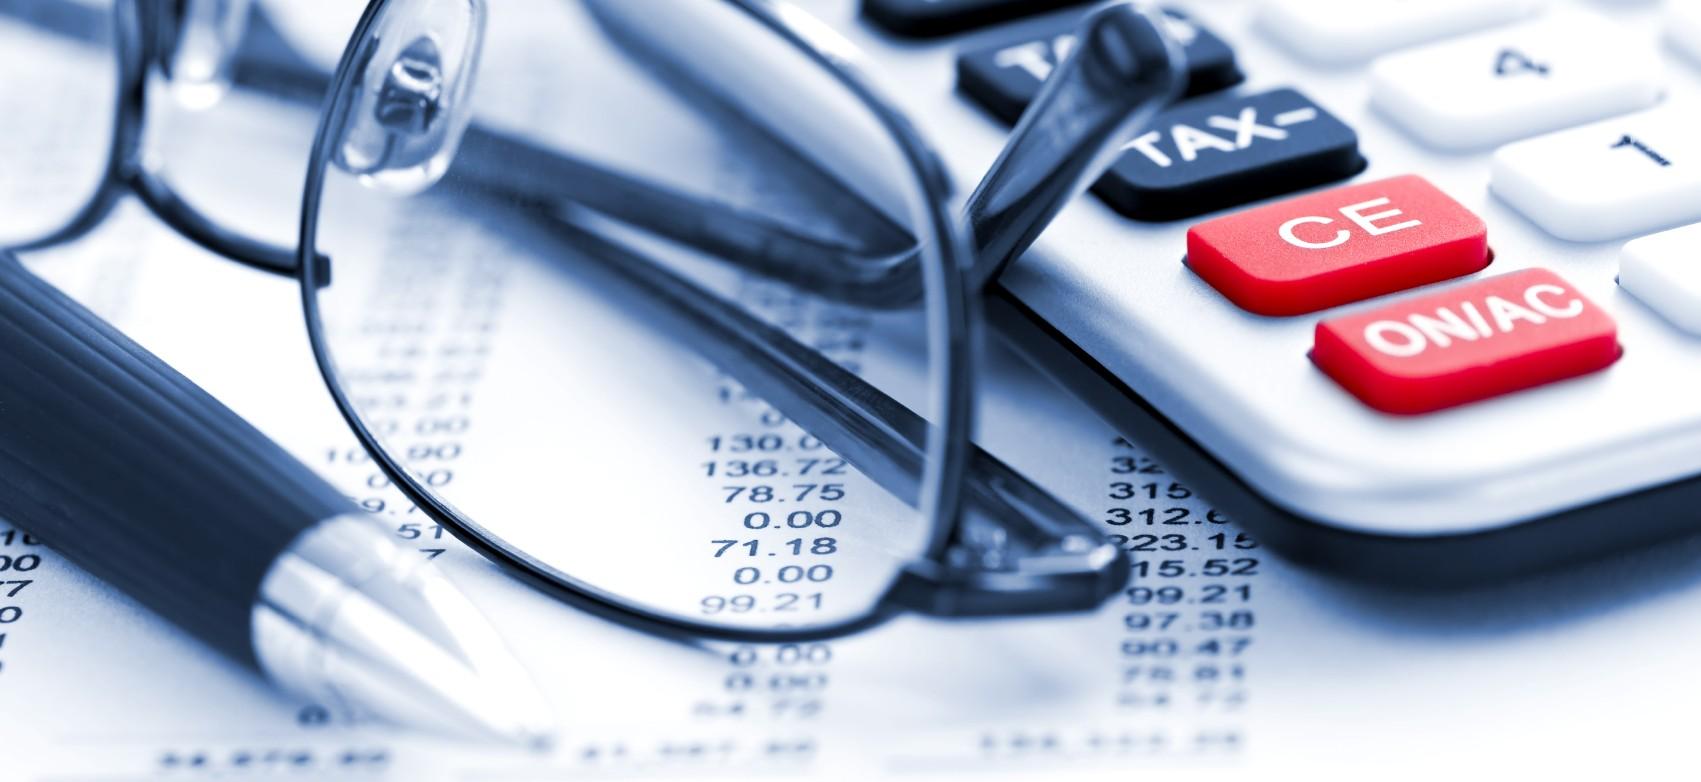 tax-plann